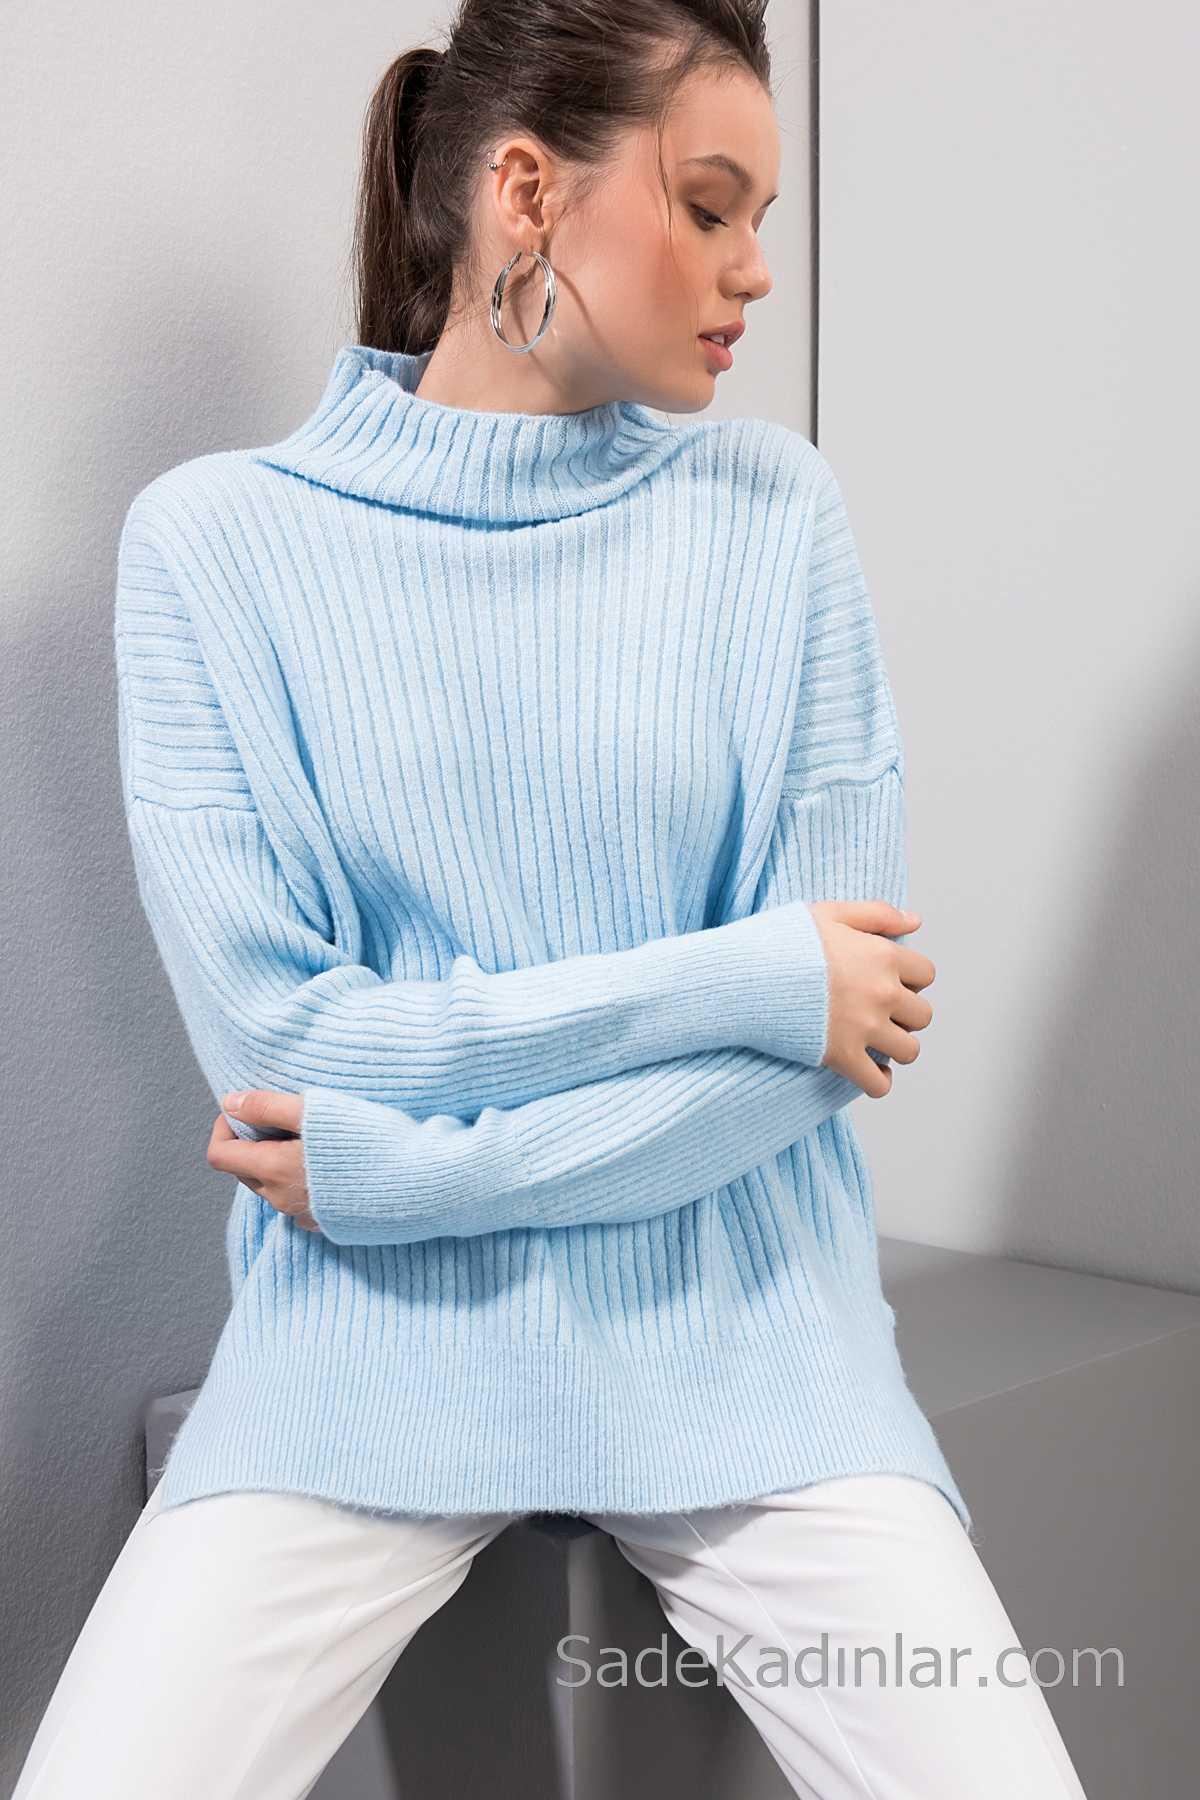 2019 Kazak Modası ve Trendleri